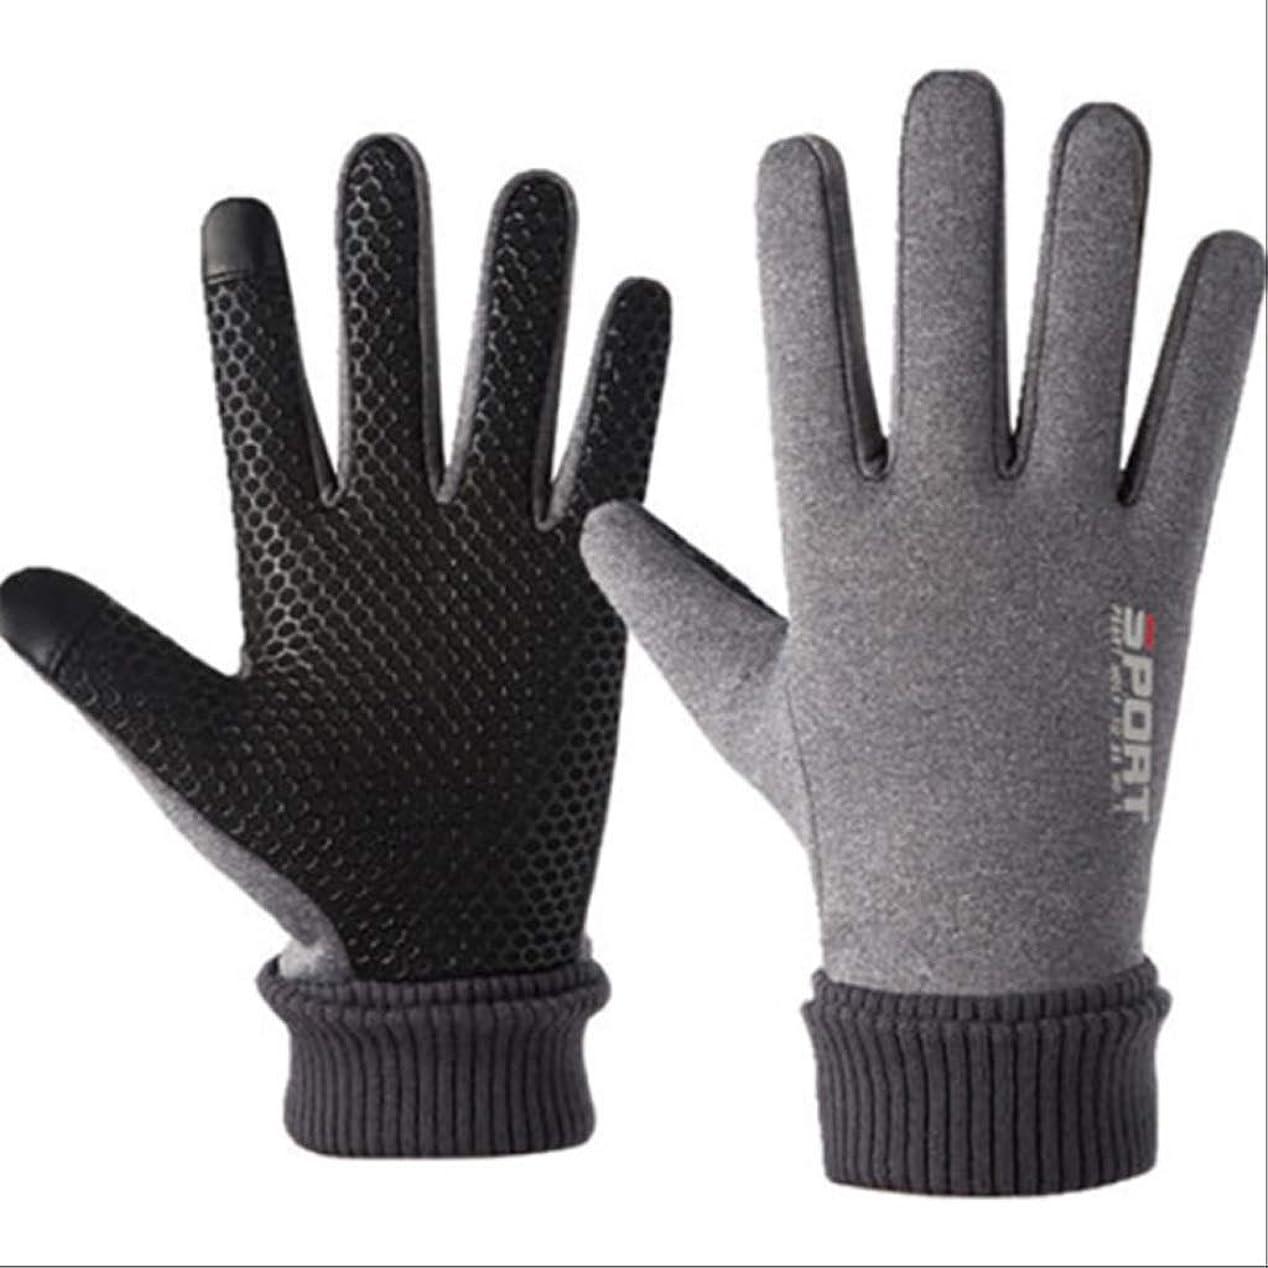 痛みサーフィン送信するユニセックスのフルフィンガーグローブ、マウンテンバイクオートバイ乗馬手袋、防風防水暖かい手袋 (Color : B)